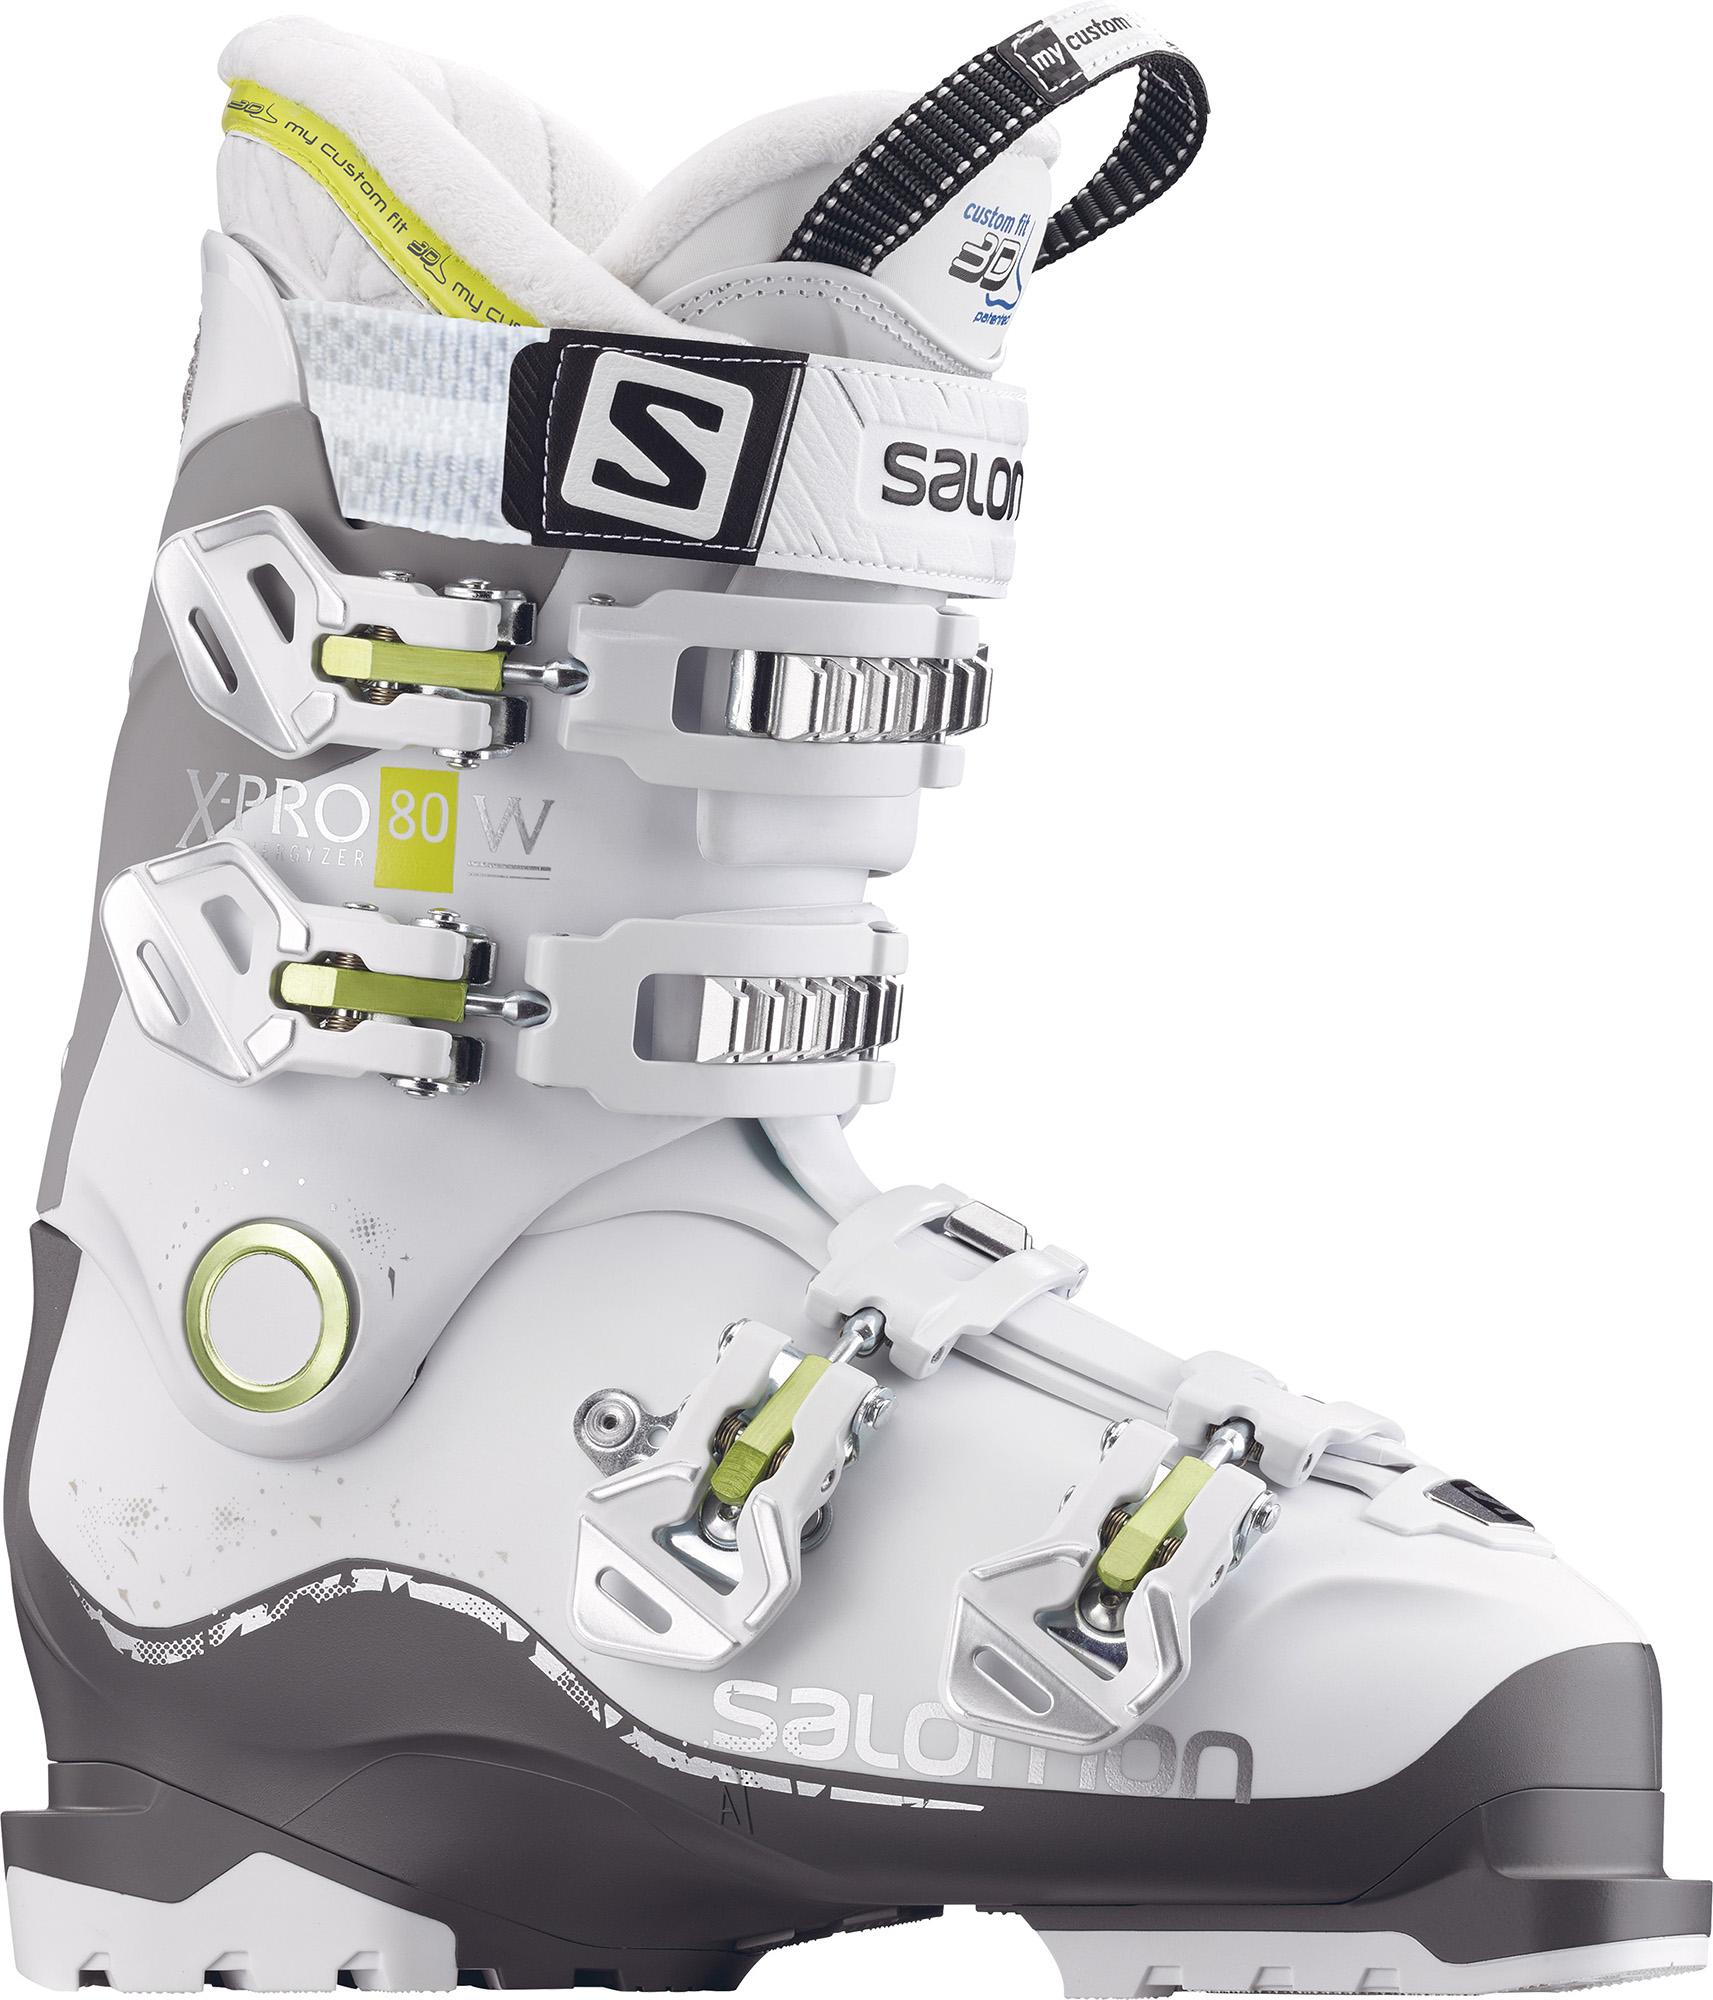 Salomon Ботинки горнолыжные женские Salomon X Pro 80 salomon ботинки мужские salomon x alp mid